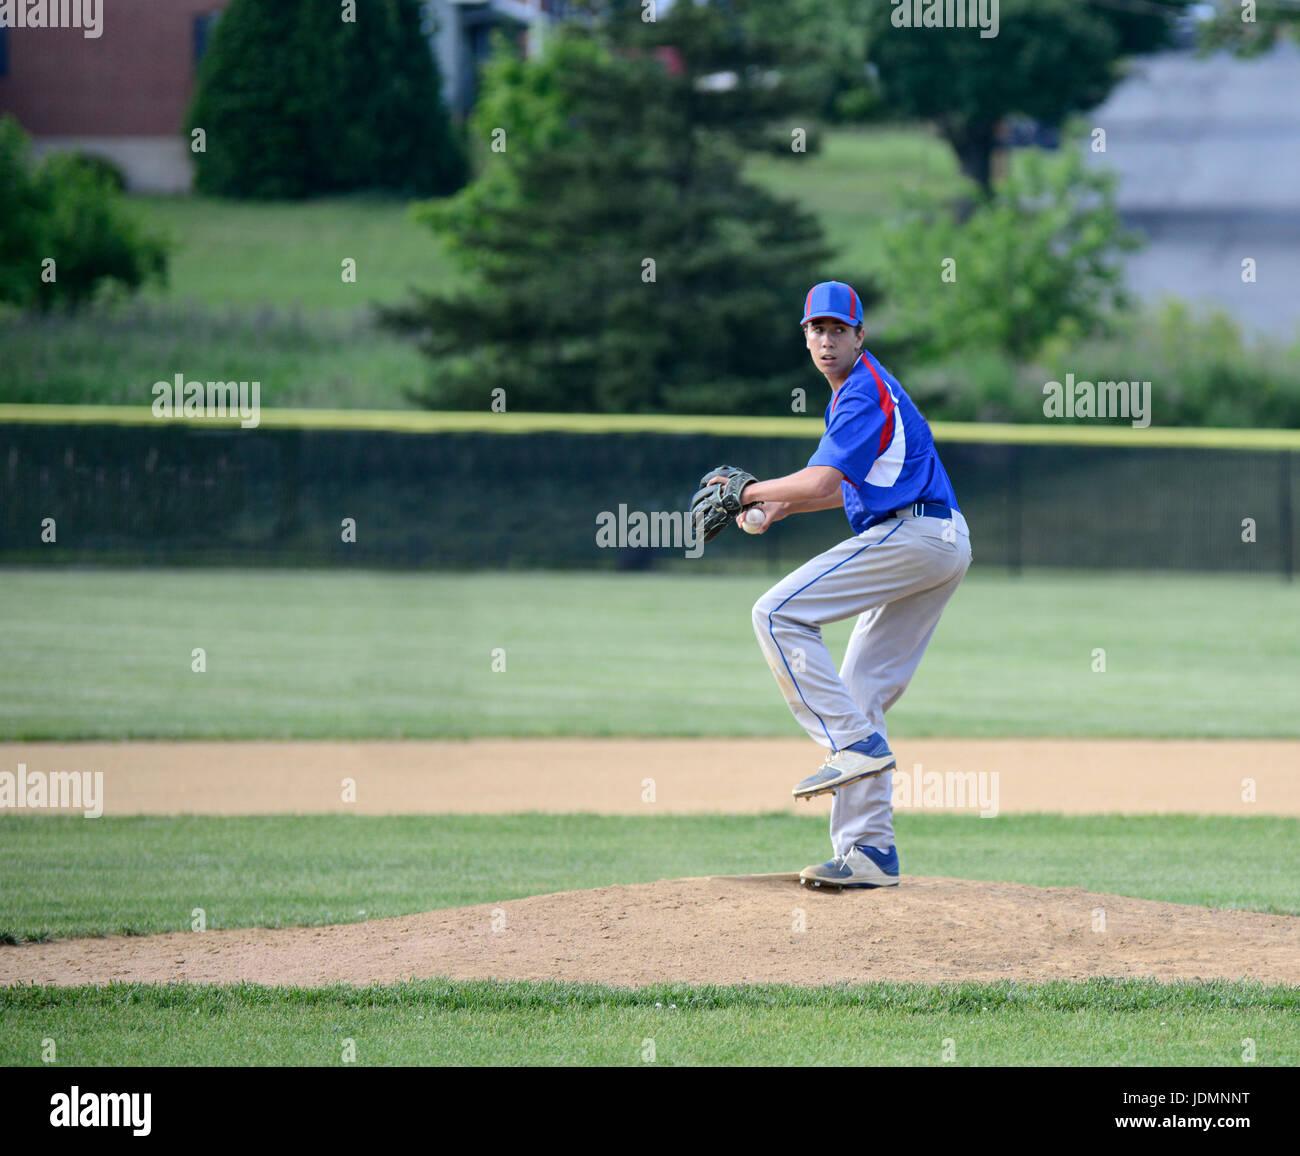 Teenager Liquidation und bereit, einen Baseball auf dem Pitching mound zu werfen Stockbild